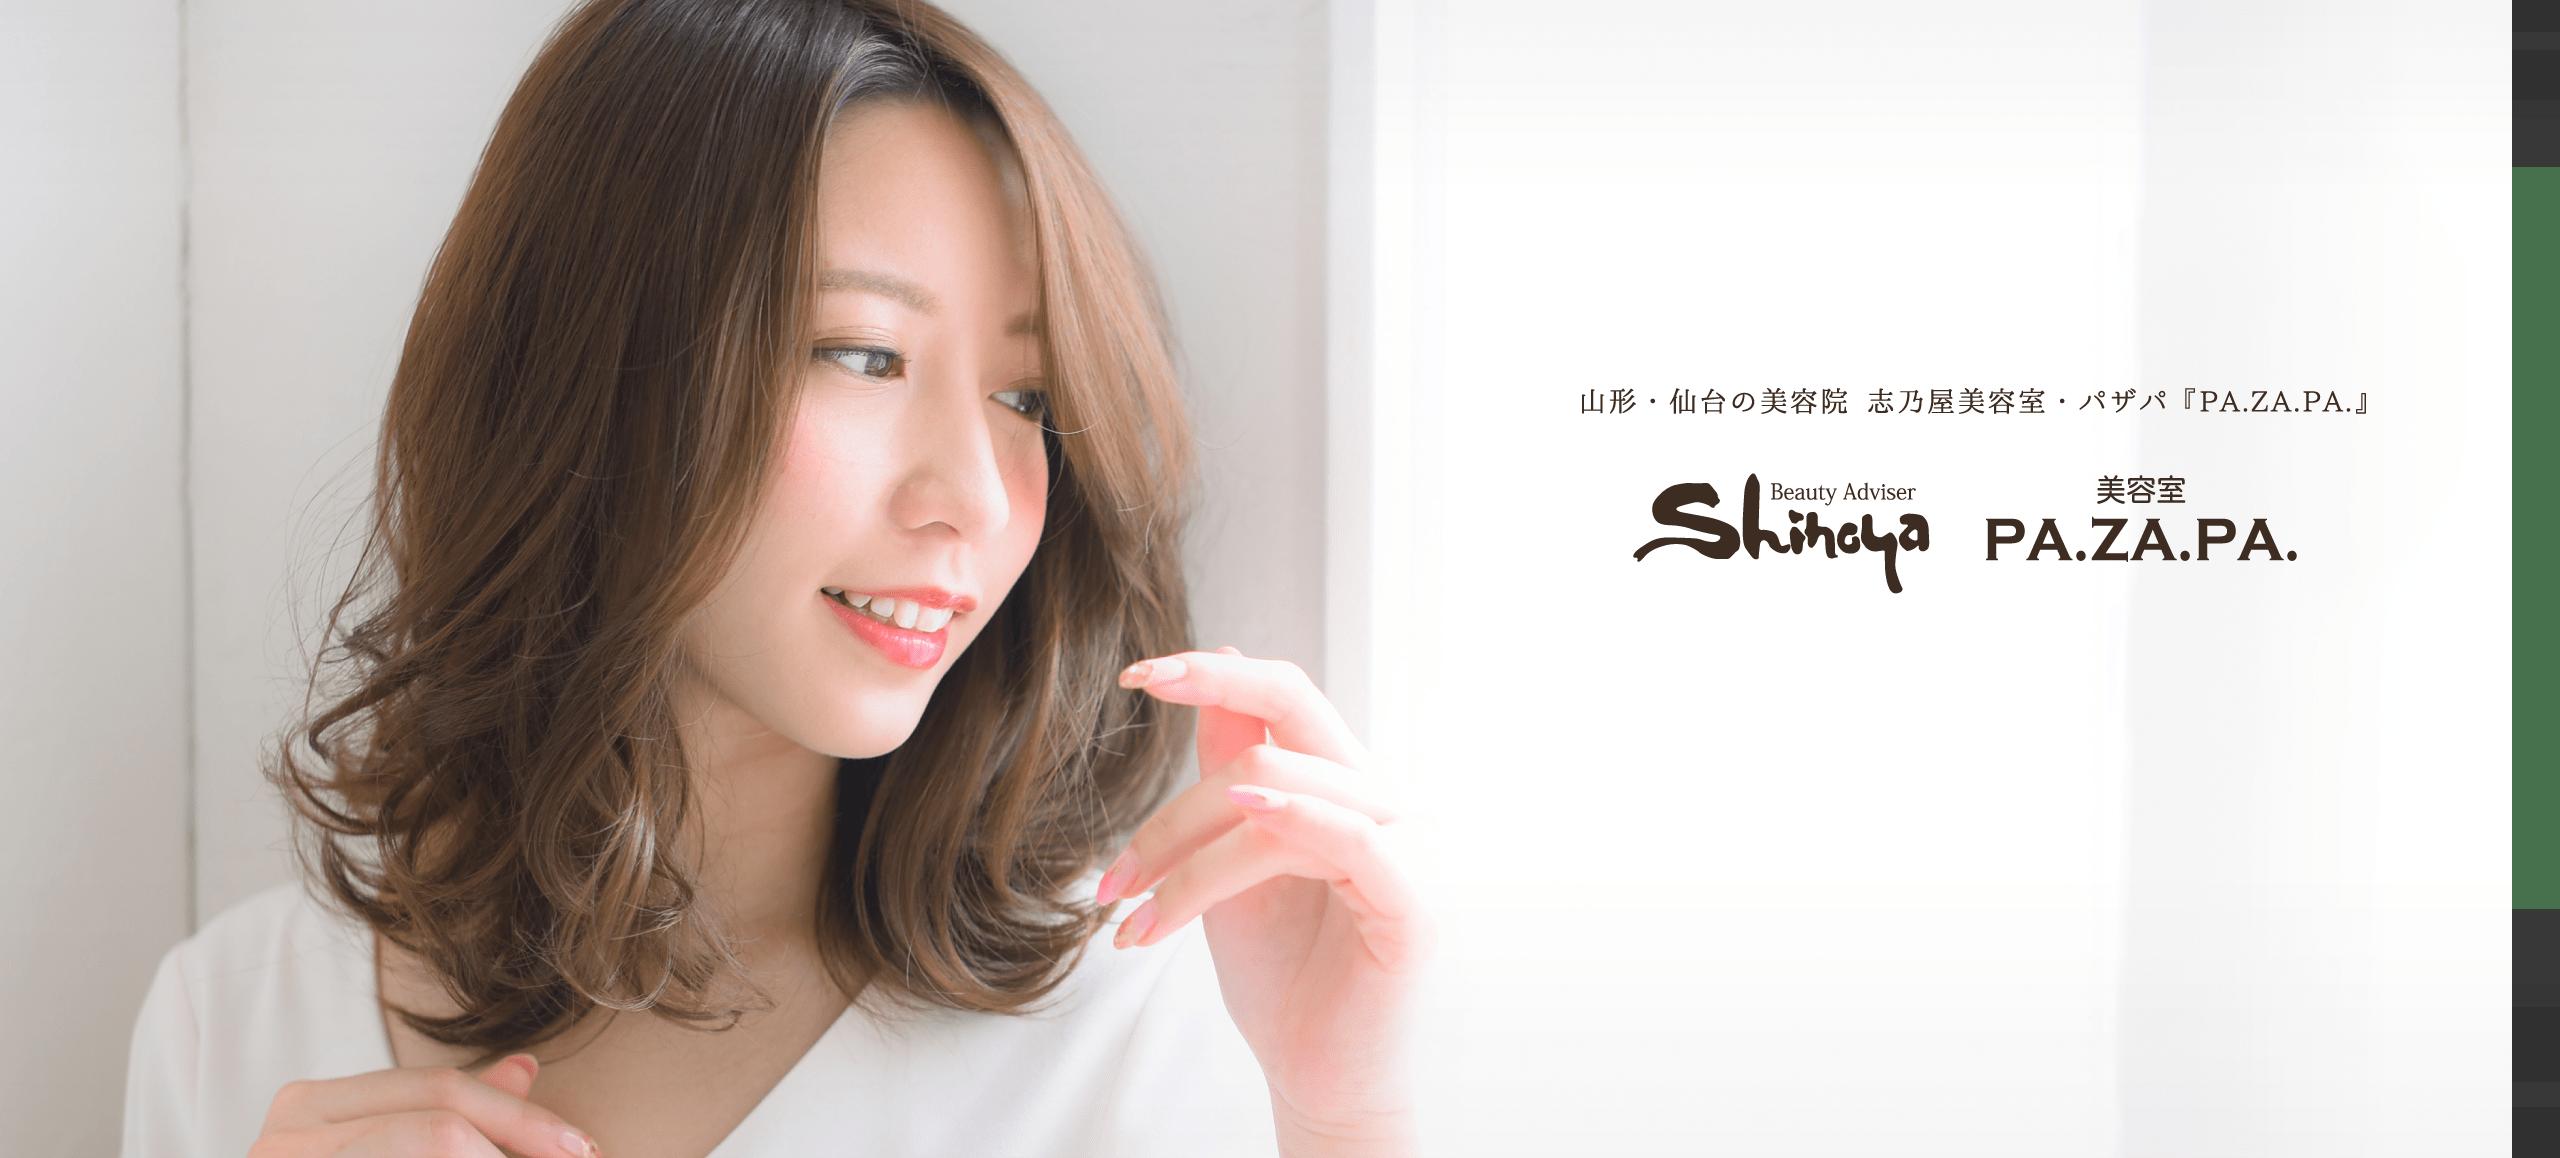 Shinoya 美容室 PA.ZA.PA